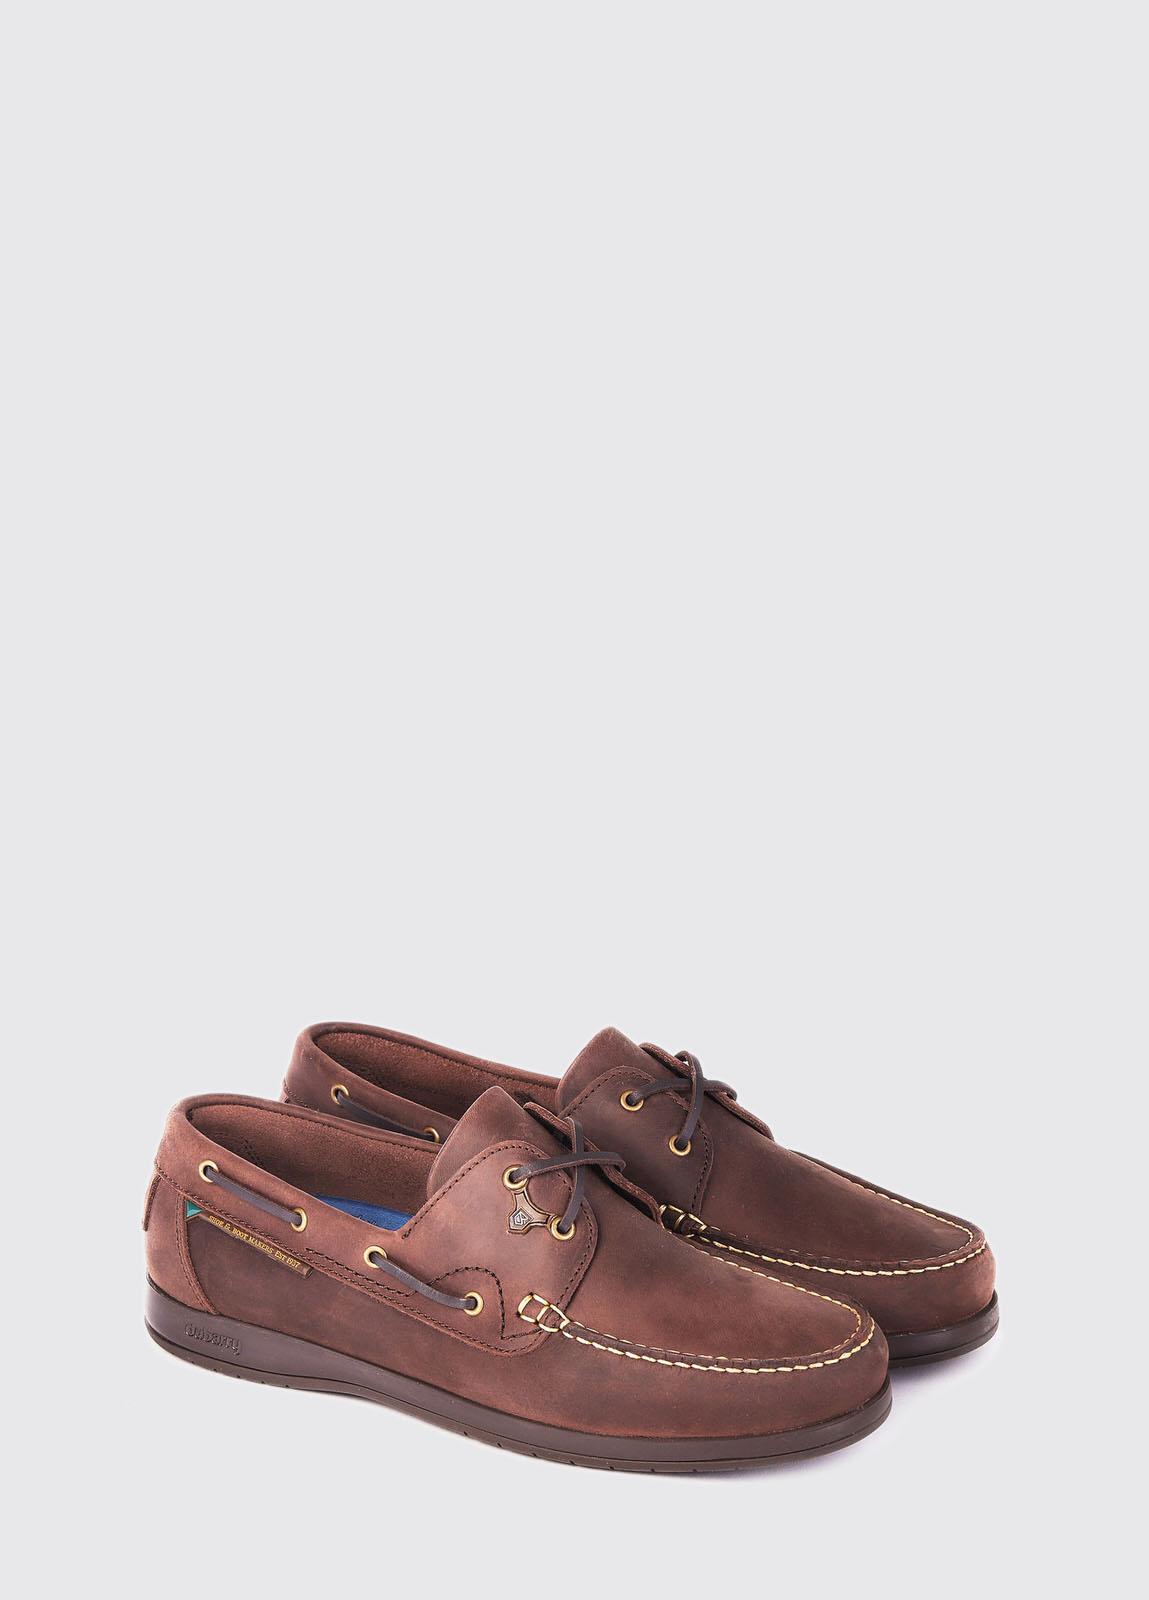 Sailmaker X LT Deck Shoe - Old Rum